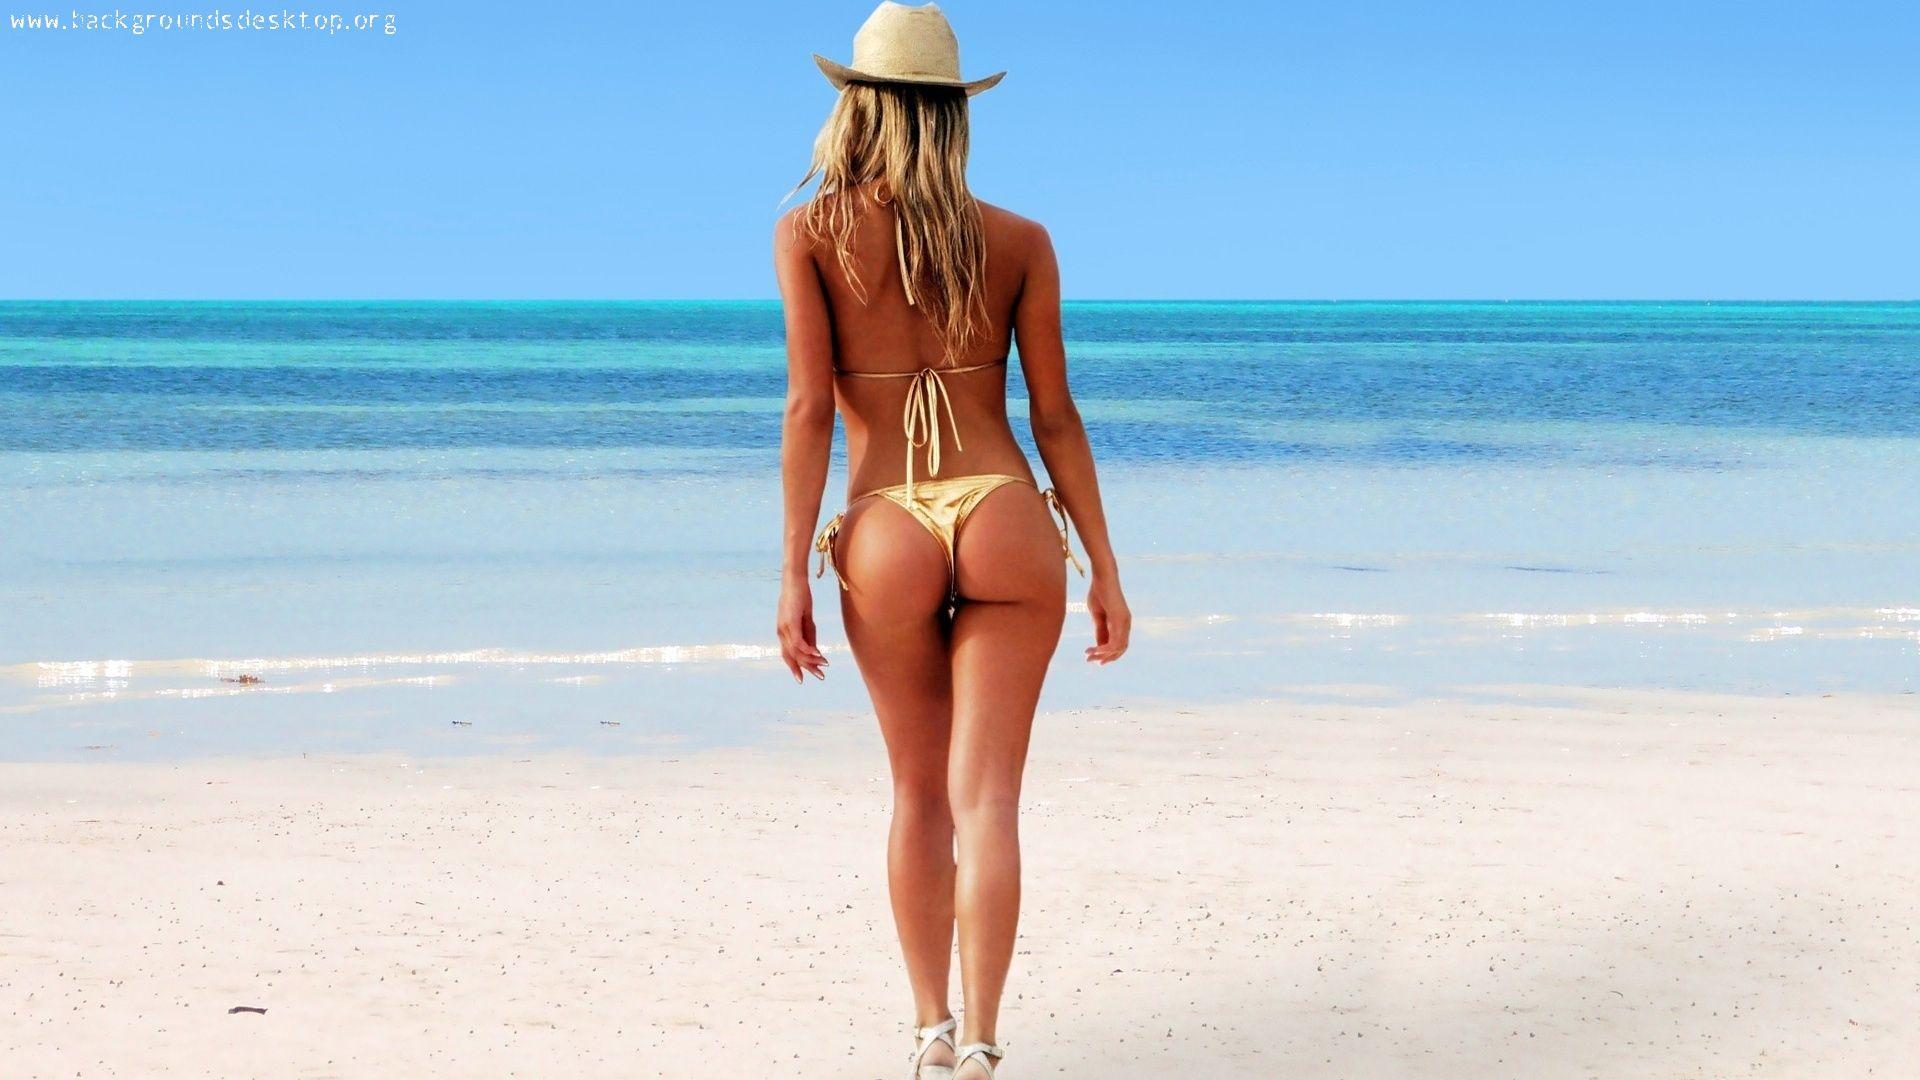 Сексуальная тлка на пляже